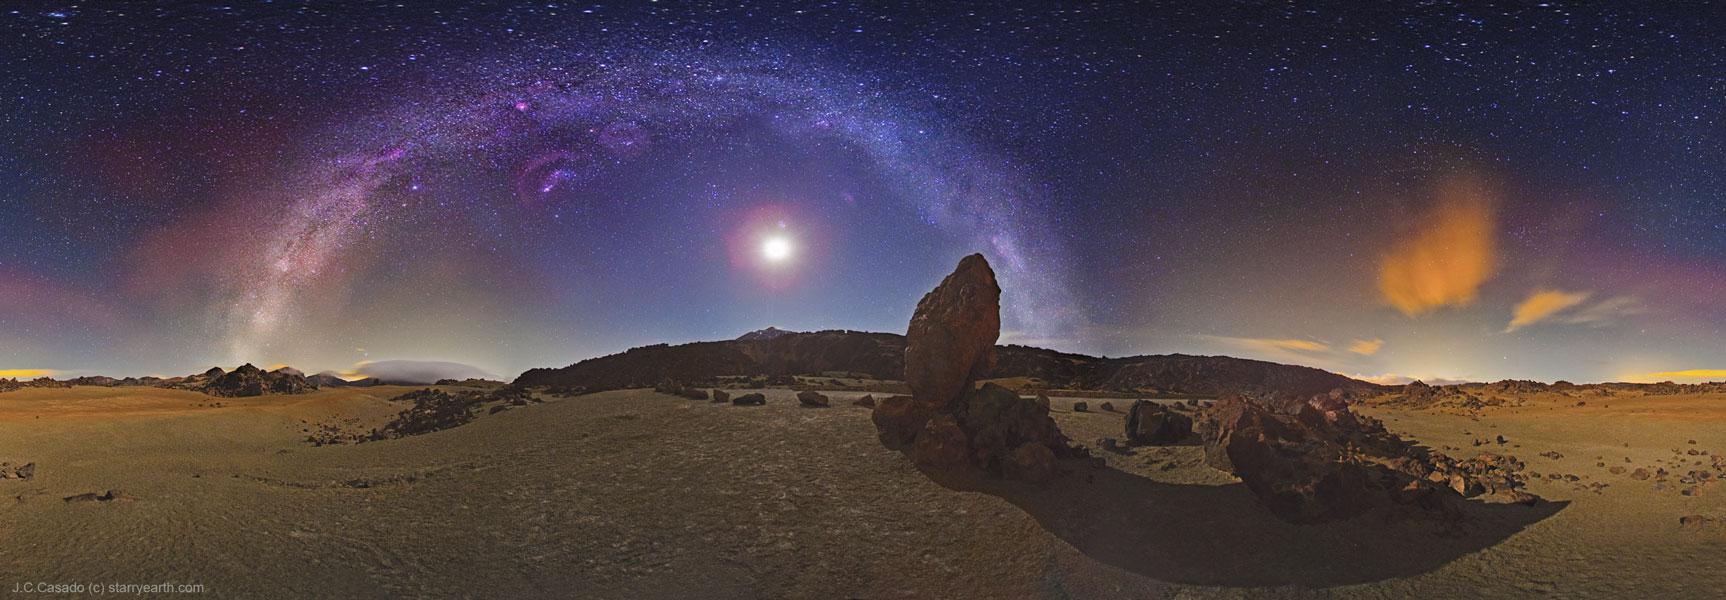 La Vía Láctea sobre Tenerife